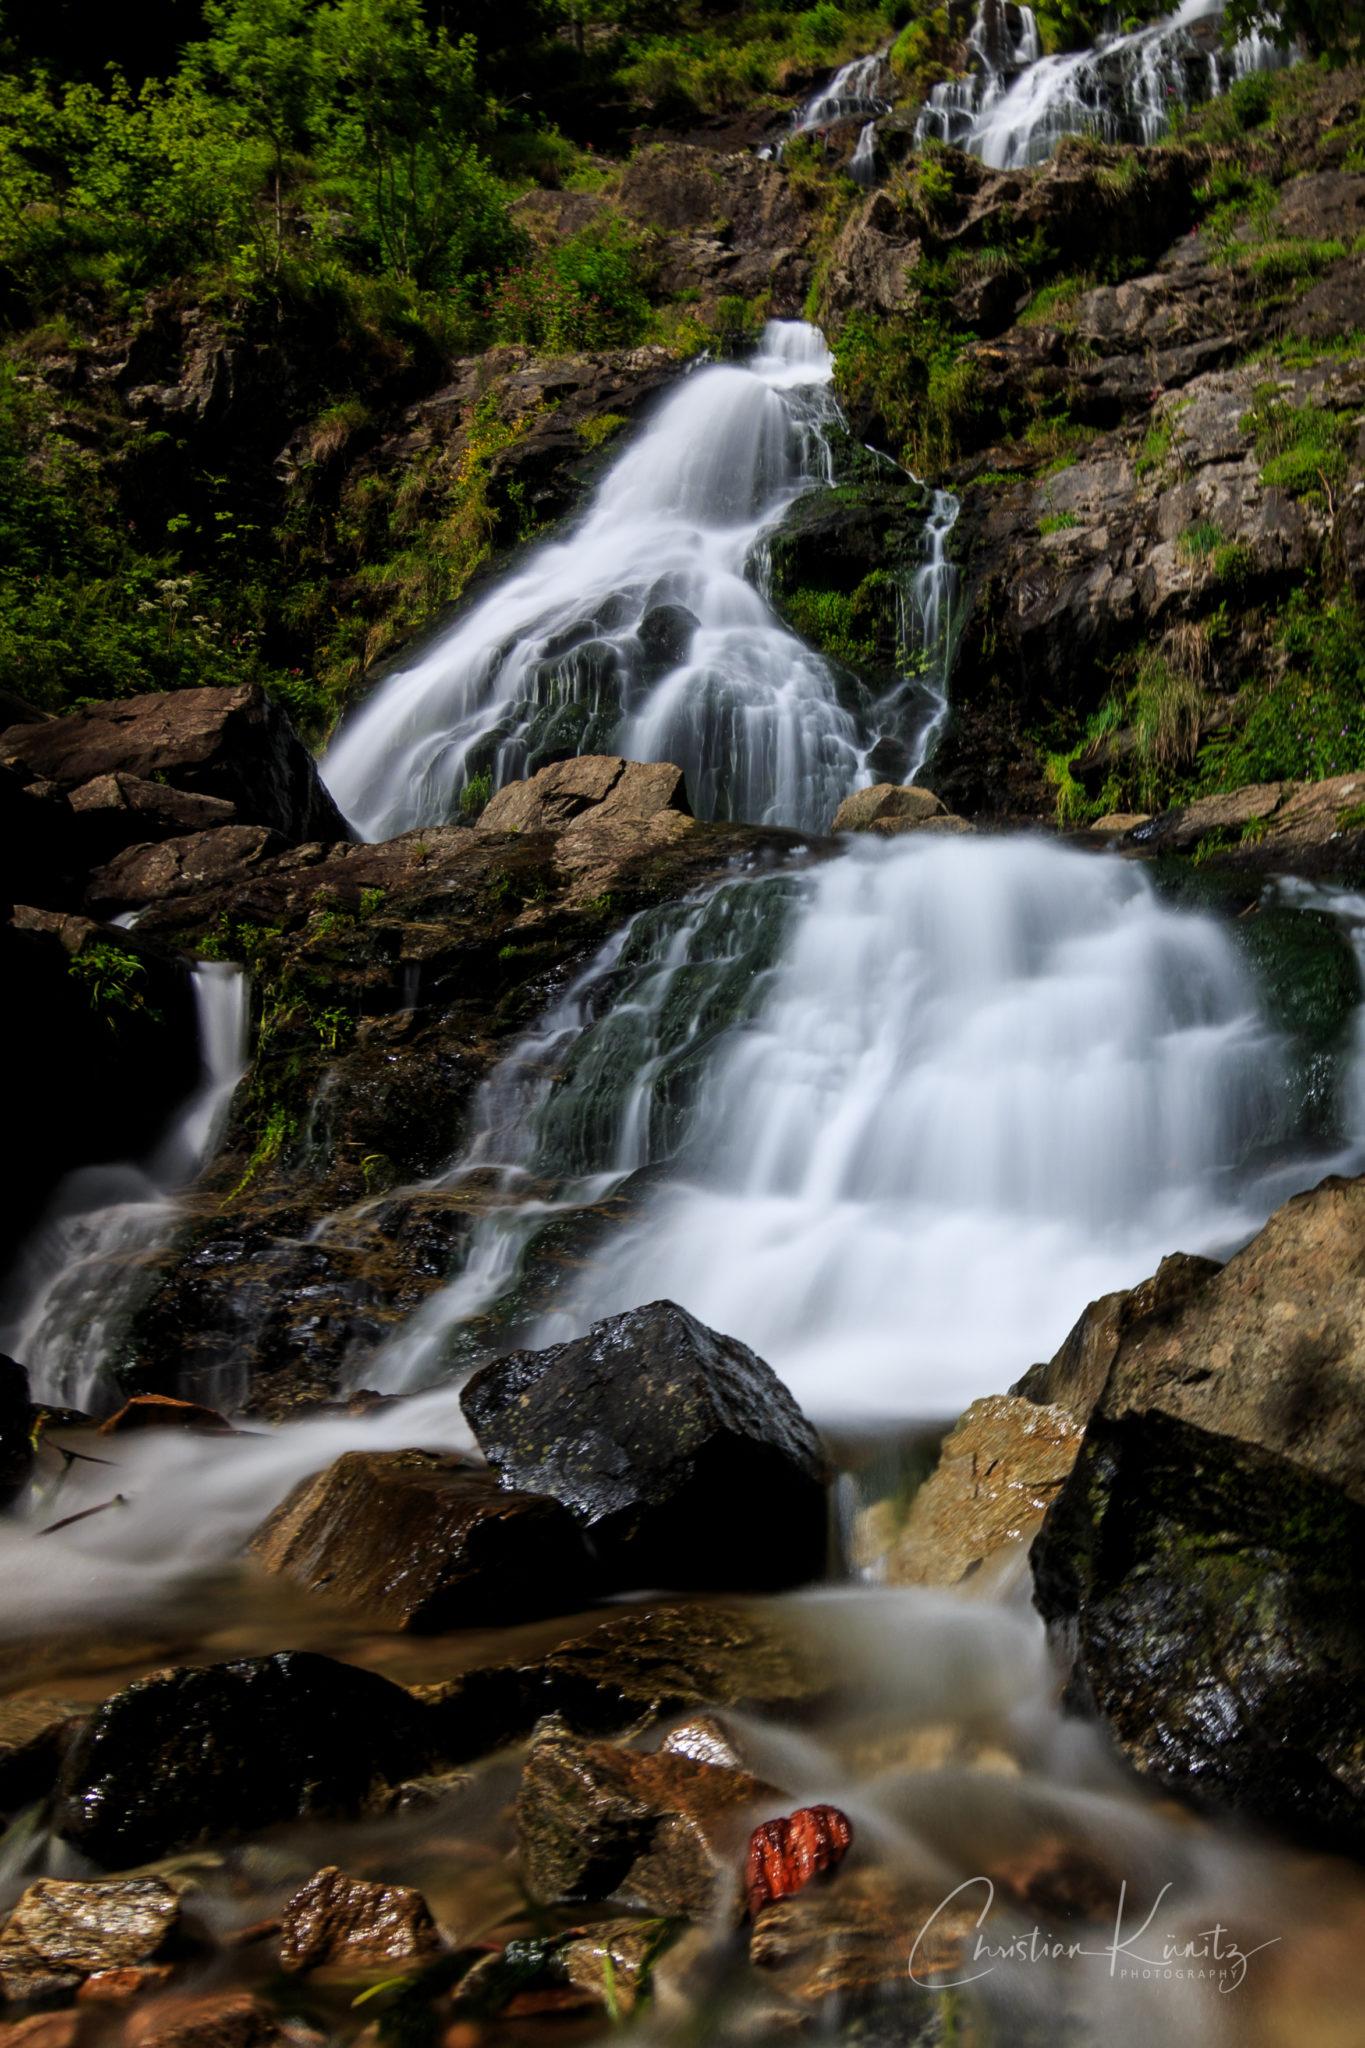 Todnauer Wasserfall III